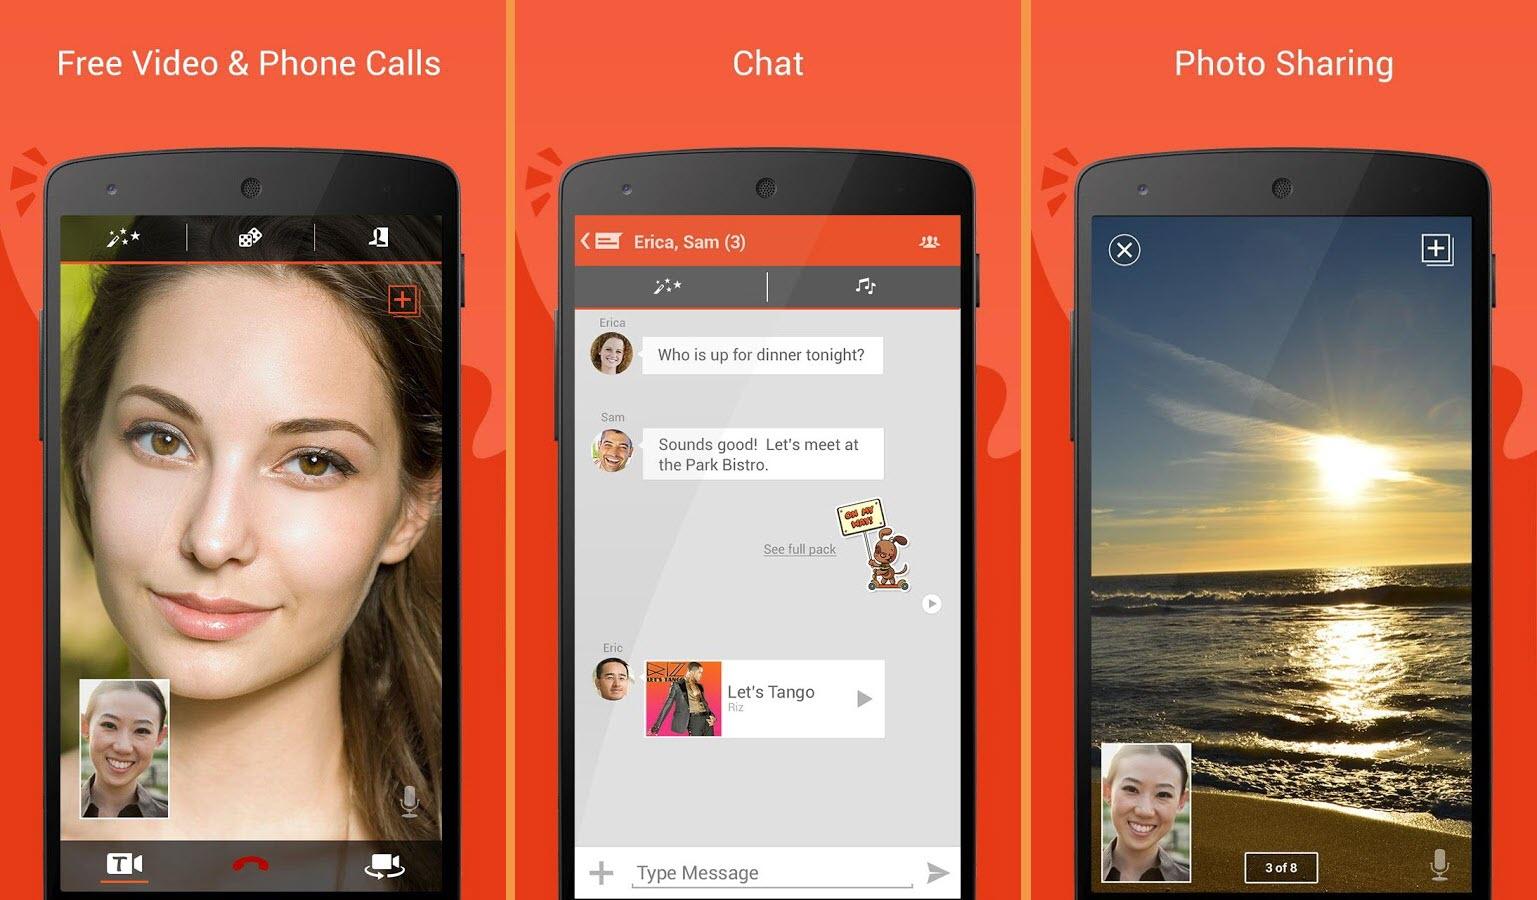 صور تانقو اندرويد ثلاث صور لاستخدامات مختلفه للتطبيق صورة لتشغيل محادثة وصورة لتشغيل مراسلة نصية و صورة لاجراء مكالمة فيديو بطريقة اخرى